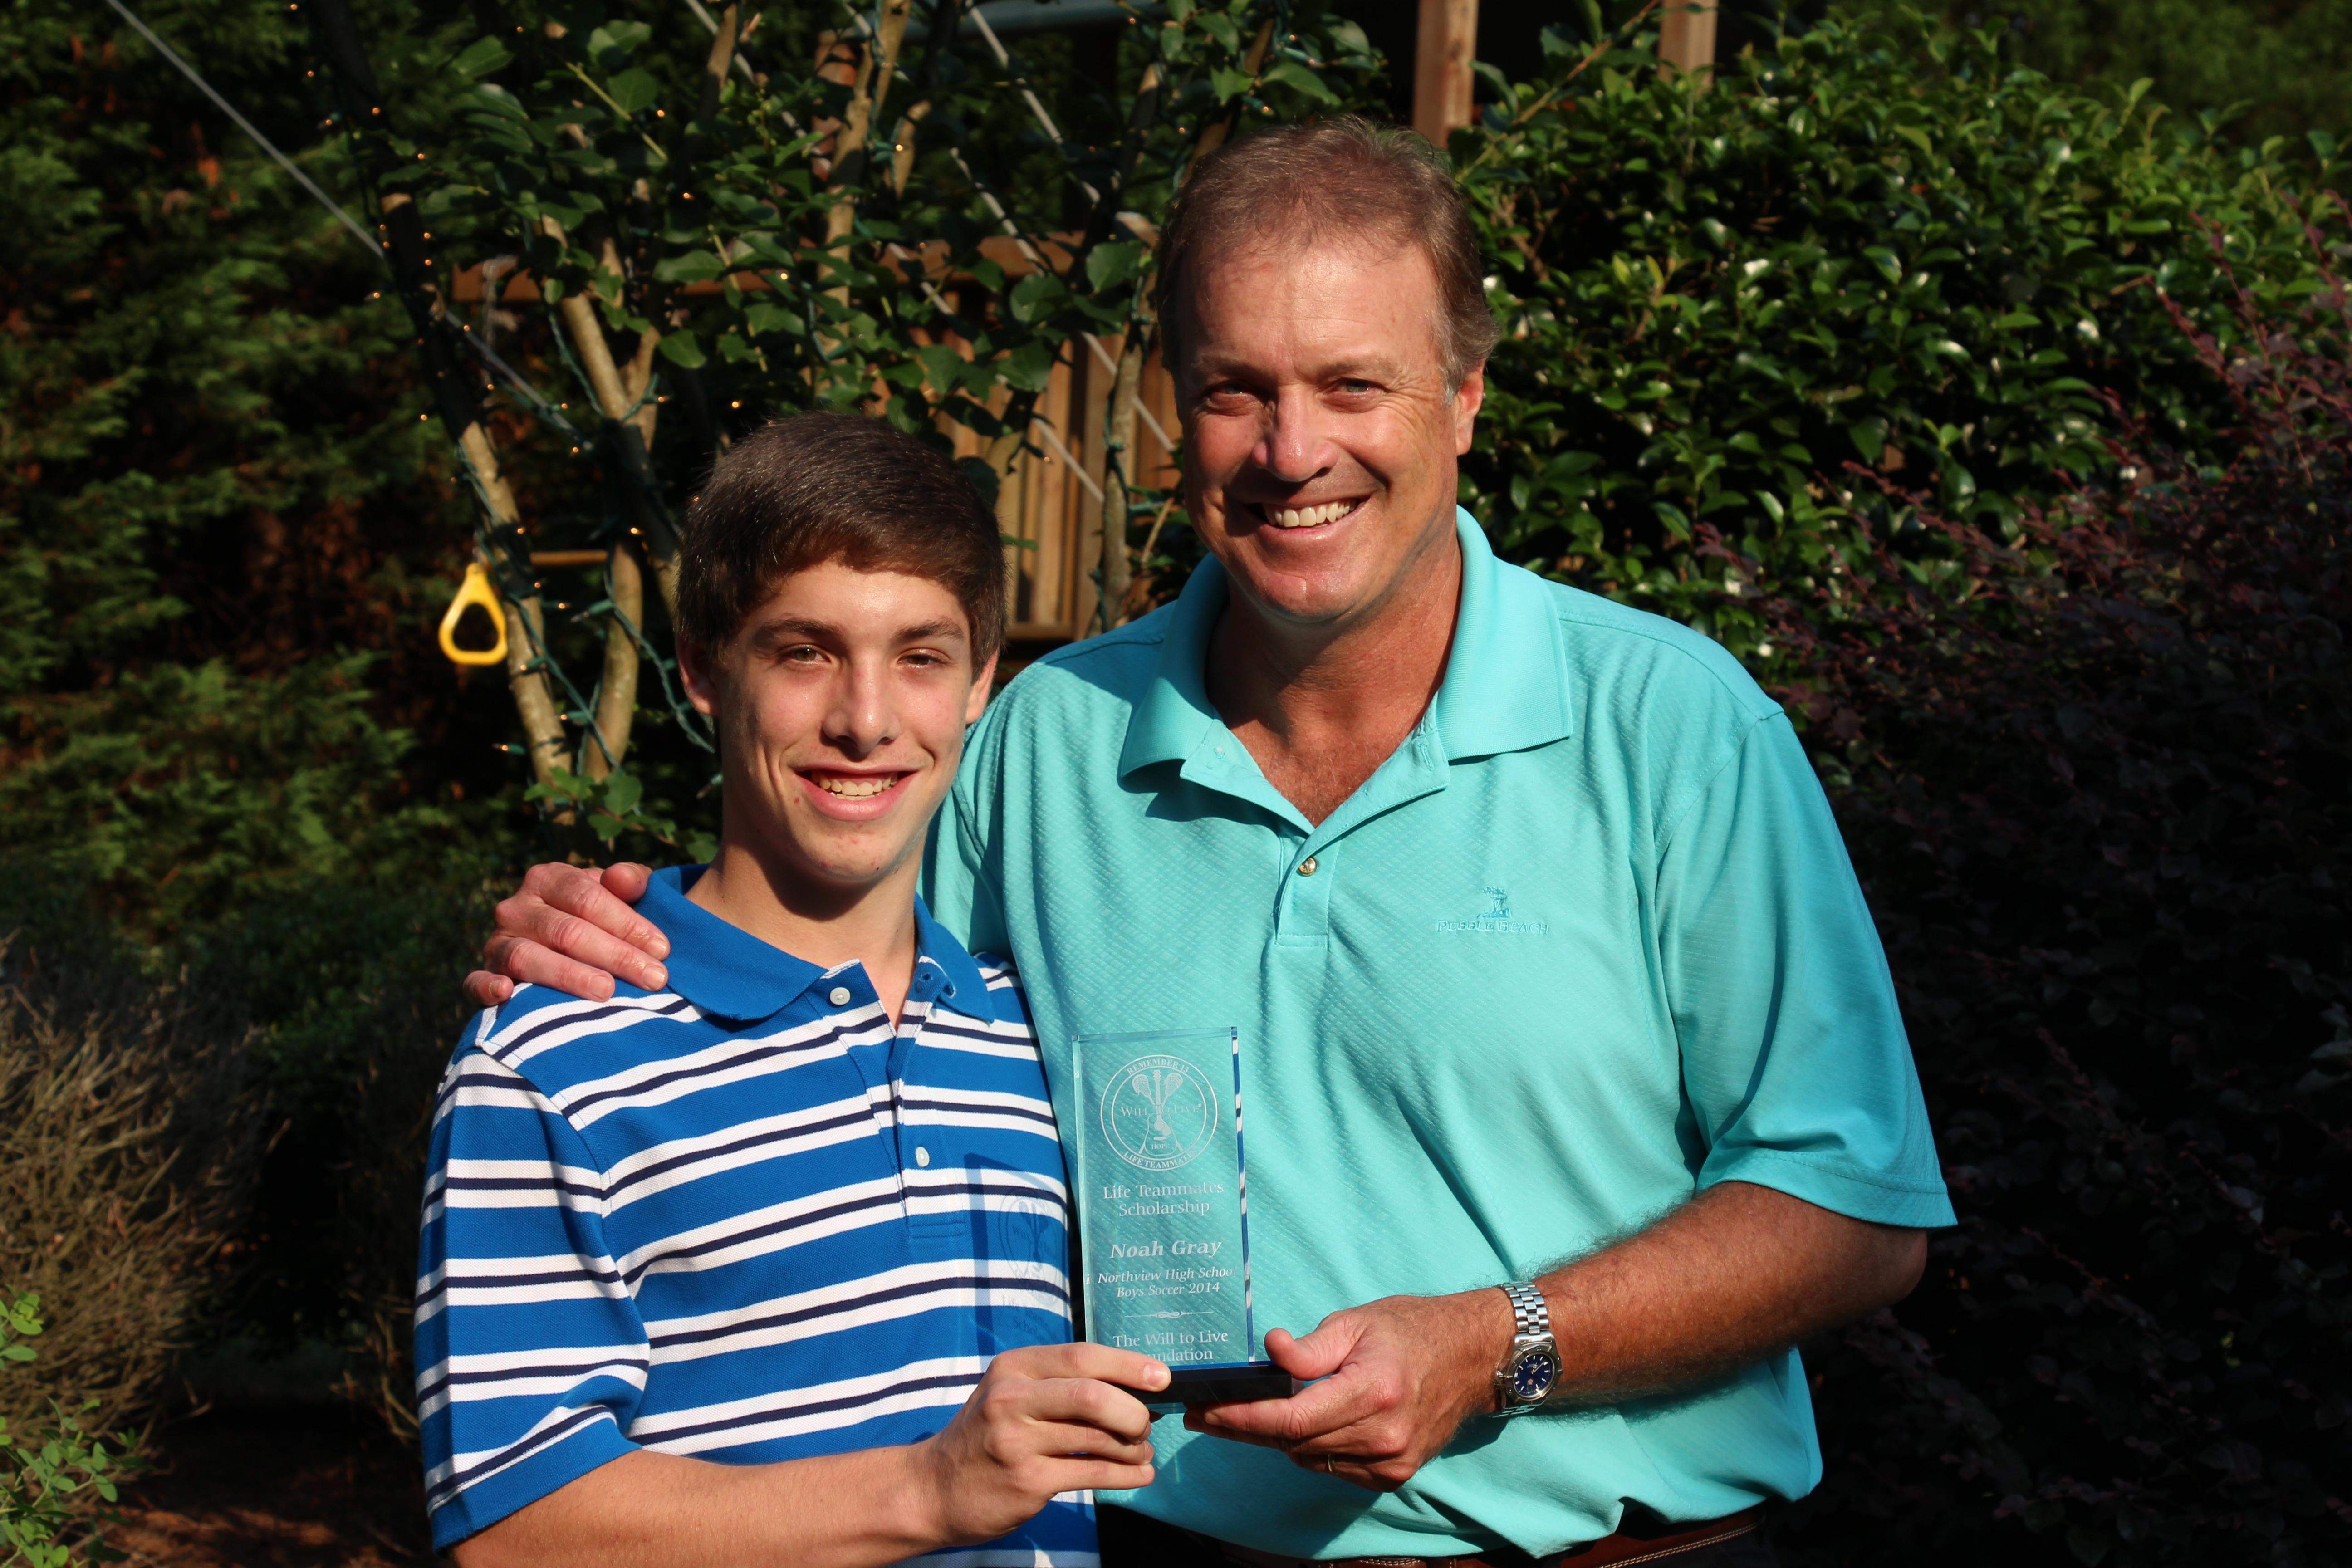 Noah Gray (Soccer - Duke) with John Trautwein